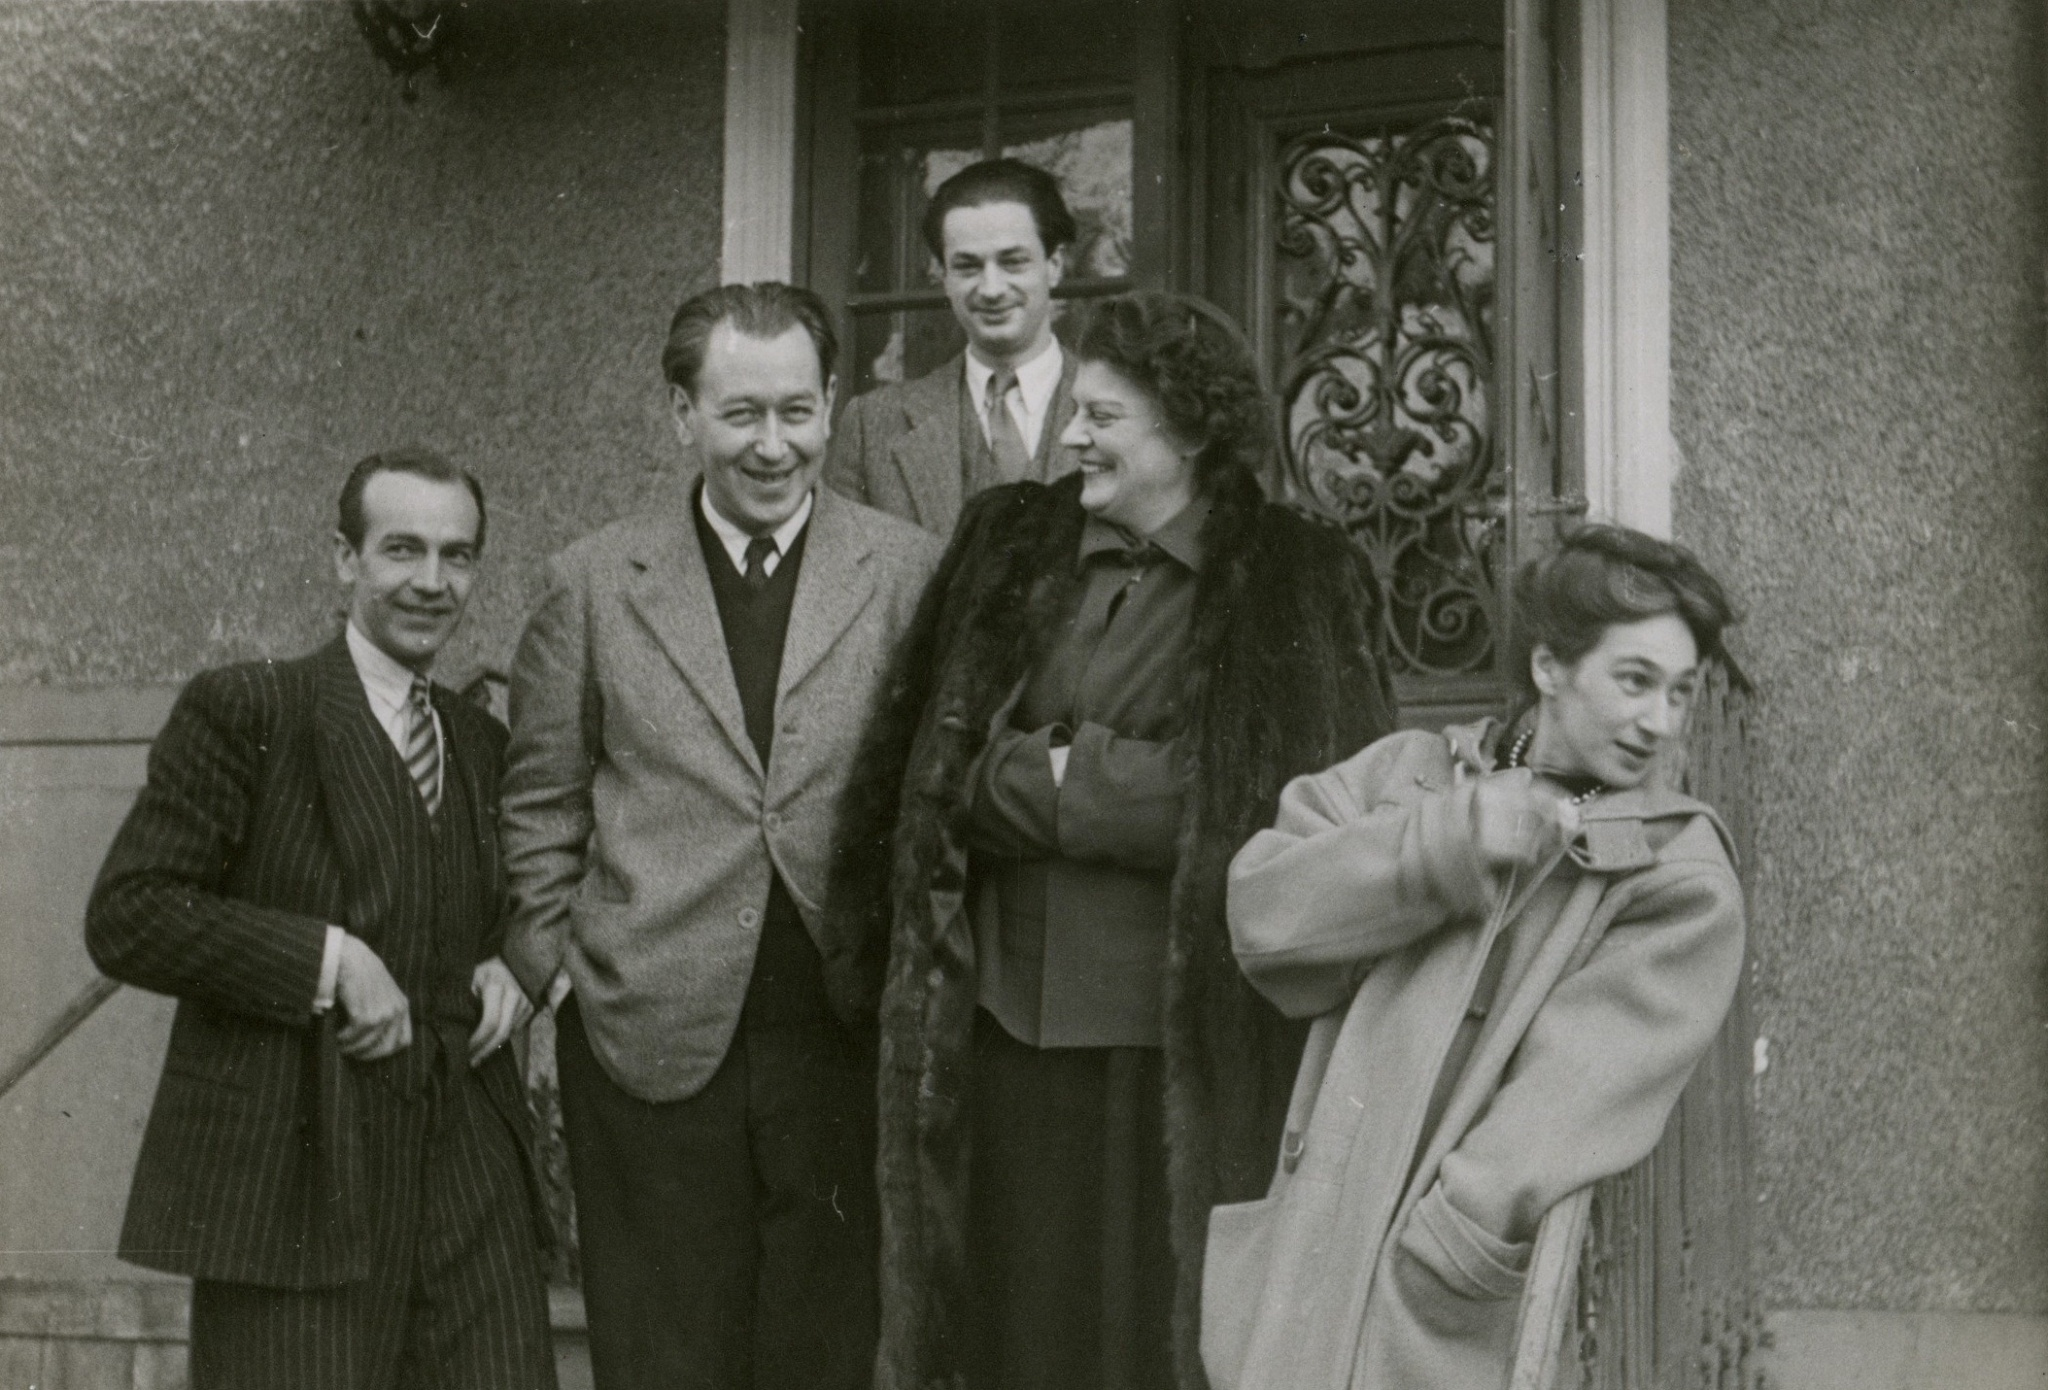 <div class='inner-box'><div class='close-desc'></div><span class='opis'>Boże Narodzenie 1948. Kazimierz Romanowicz (?), Zygmunt Hertz, Henryk Giedroyc, Adela Żeleńska, Zofia Hertz. Corneille, 1948</span><div class='clearfix'></div><span>Archive ref. FIL00815</span><div class='clearfix'></div><span>© Instytut Literacki</span></div>